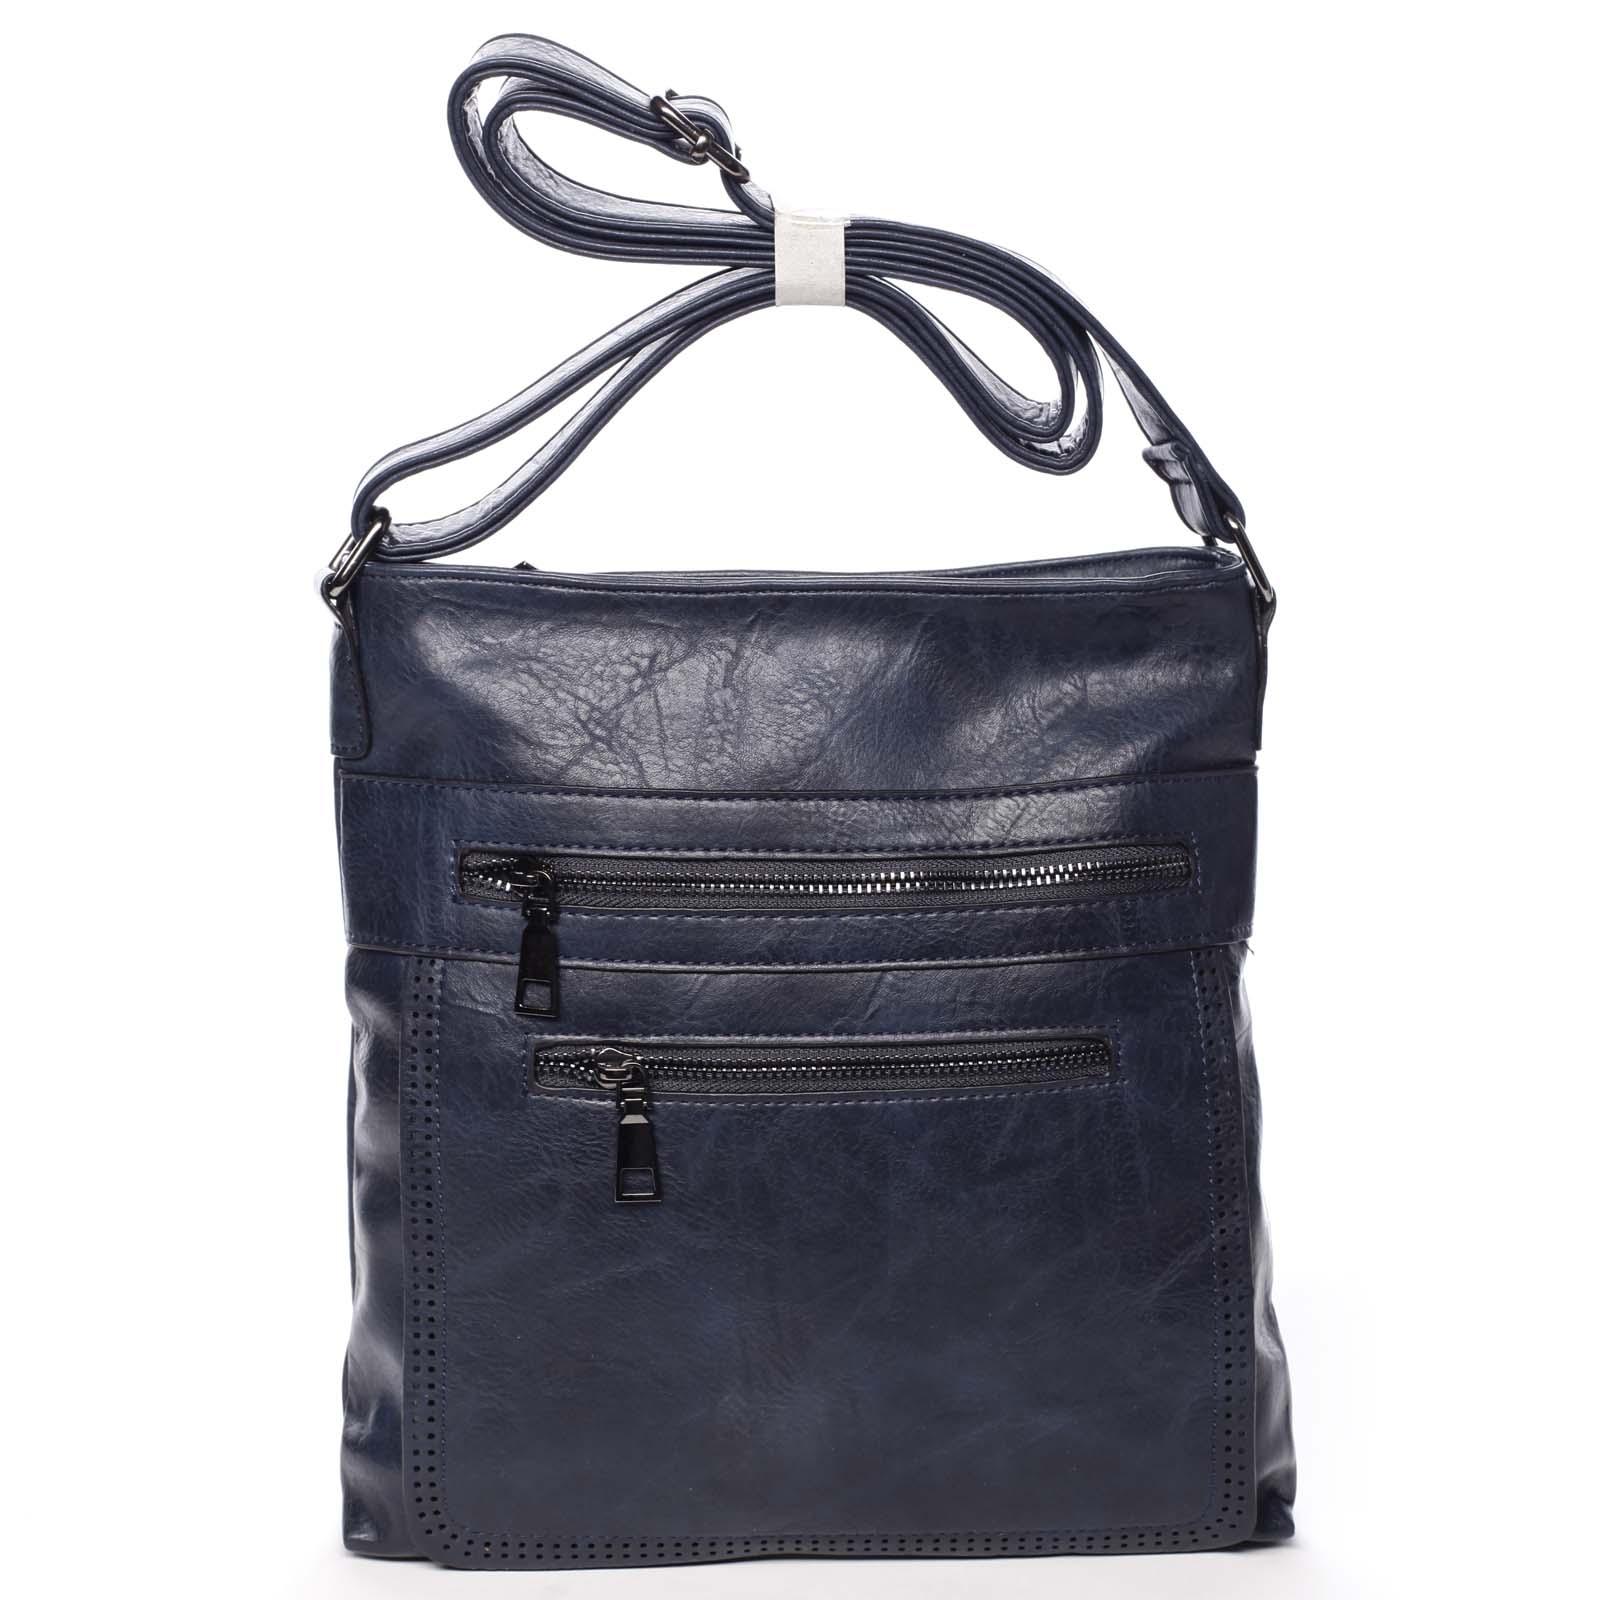 Moderní střední crossbody kabelka tmavě modrá - Delami Karlie